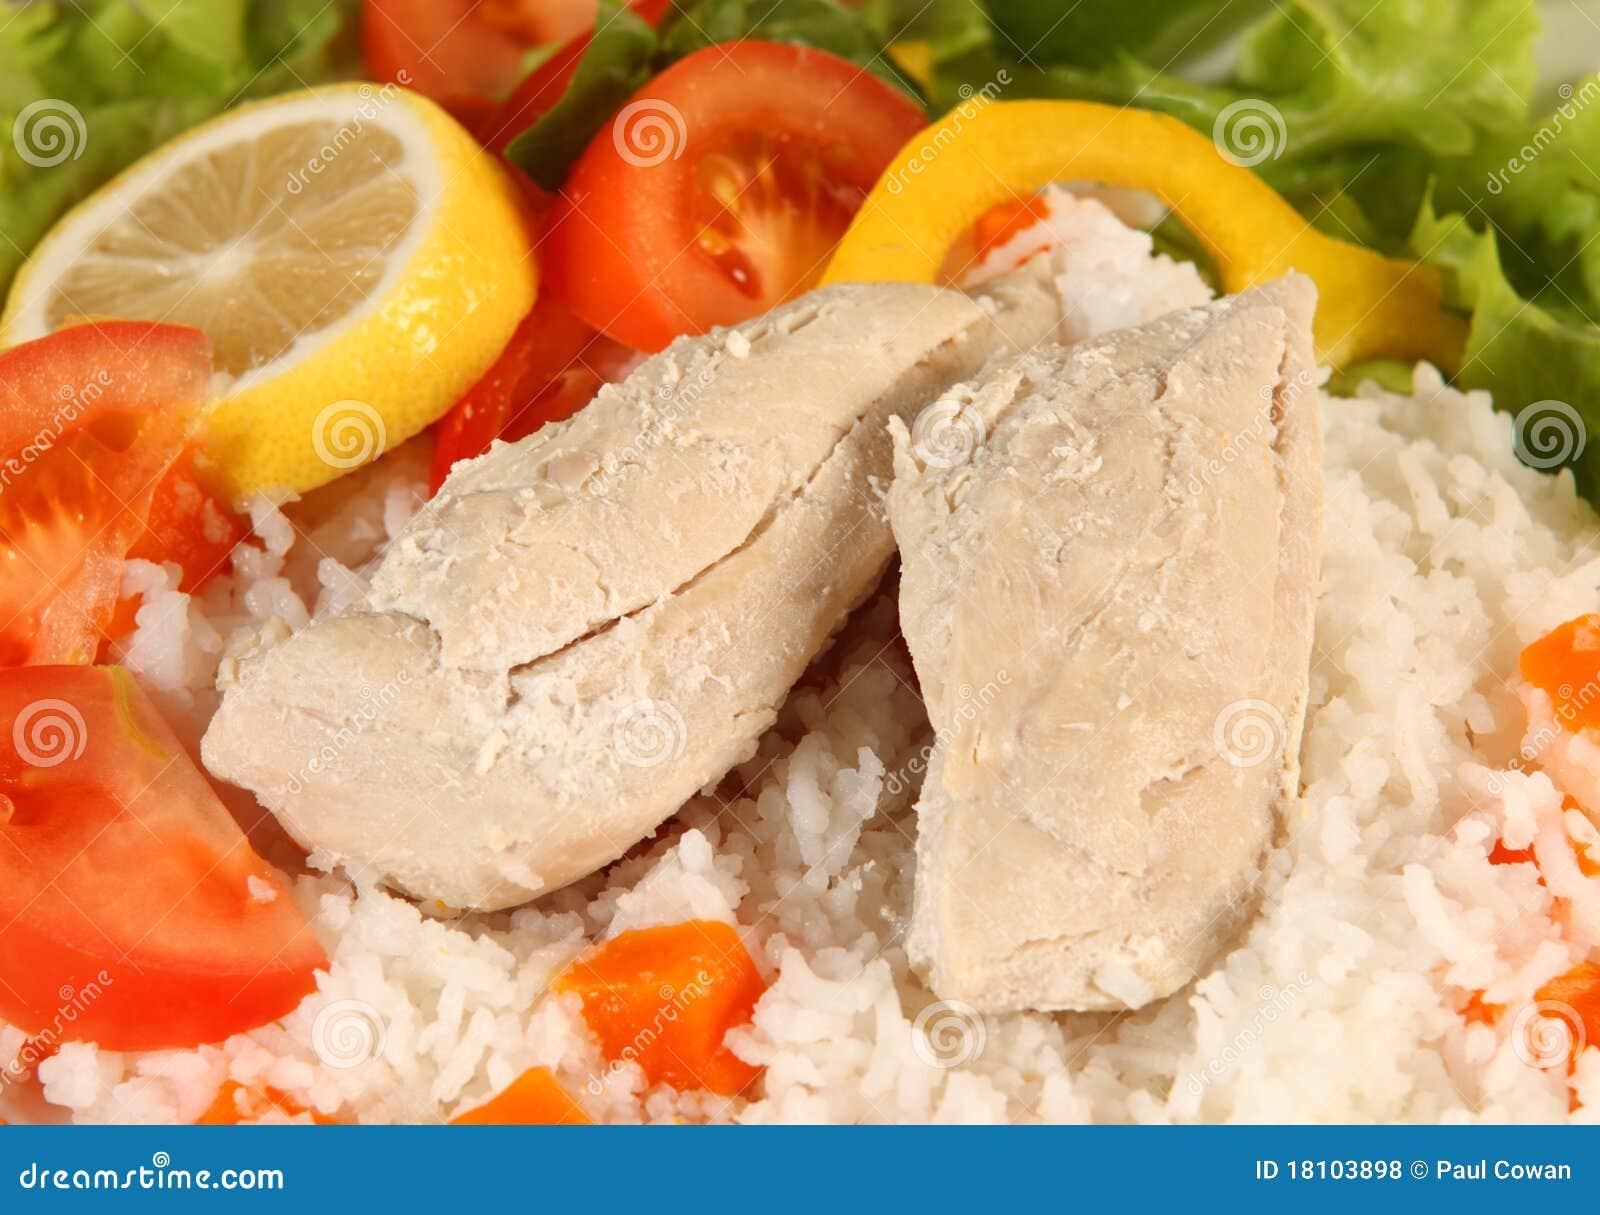 Comida con pocas calor as - Ensaladas con pocas calorias ...